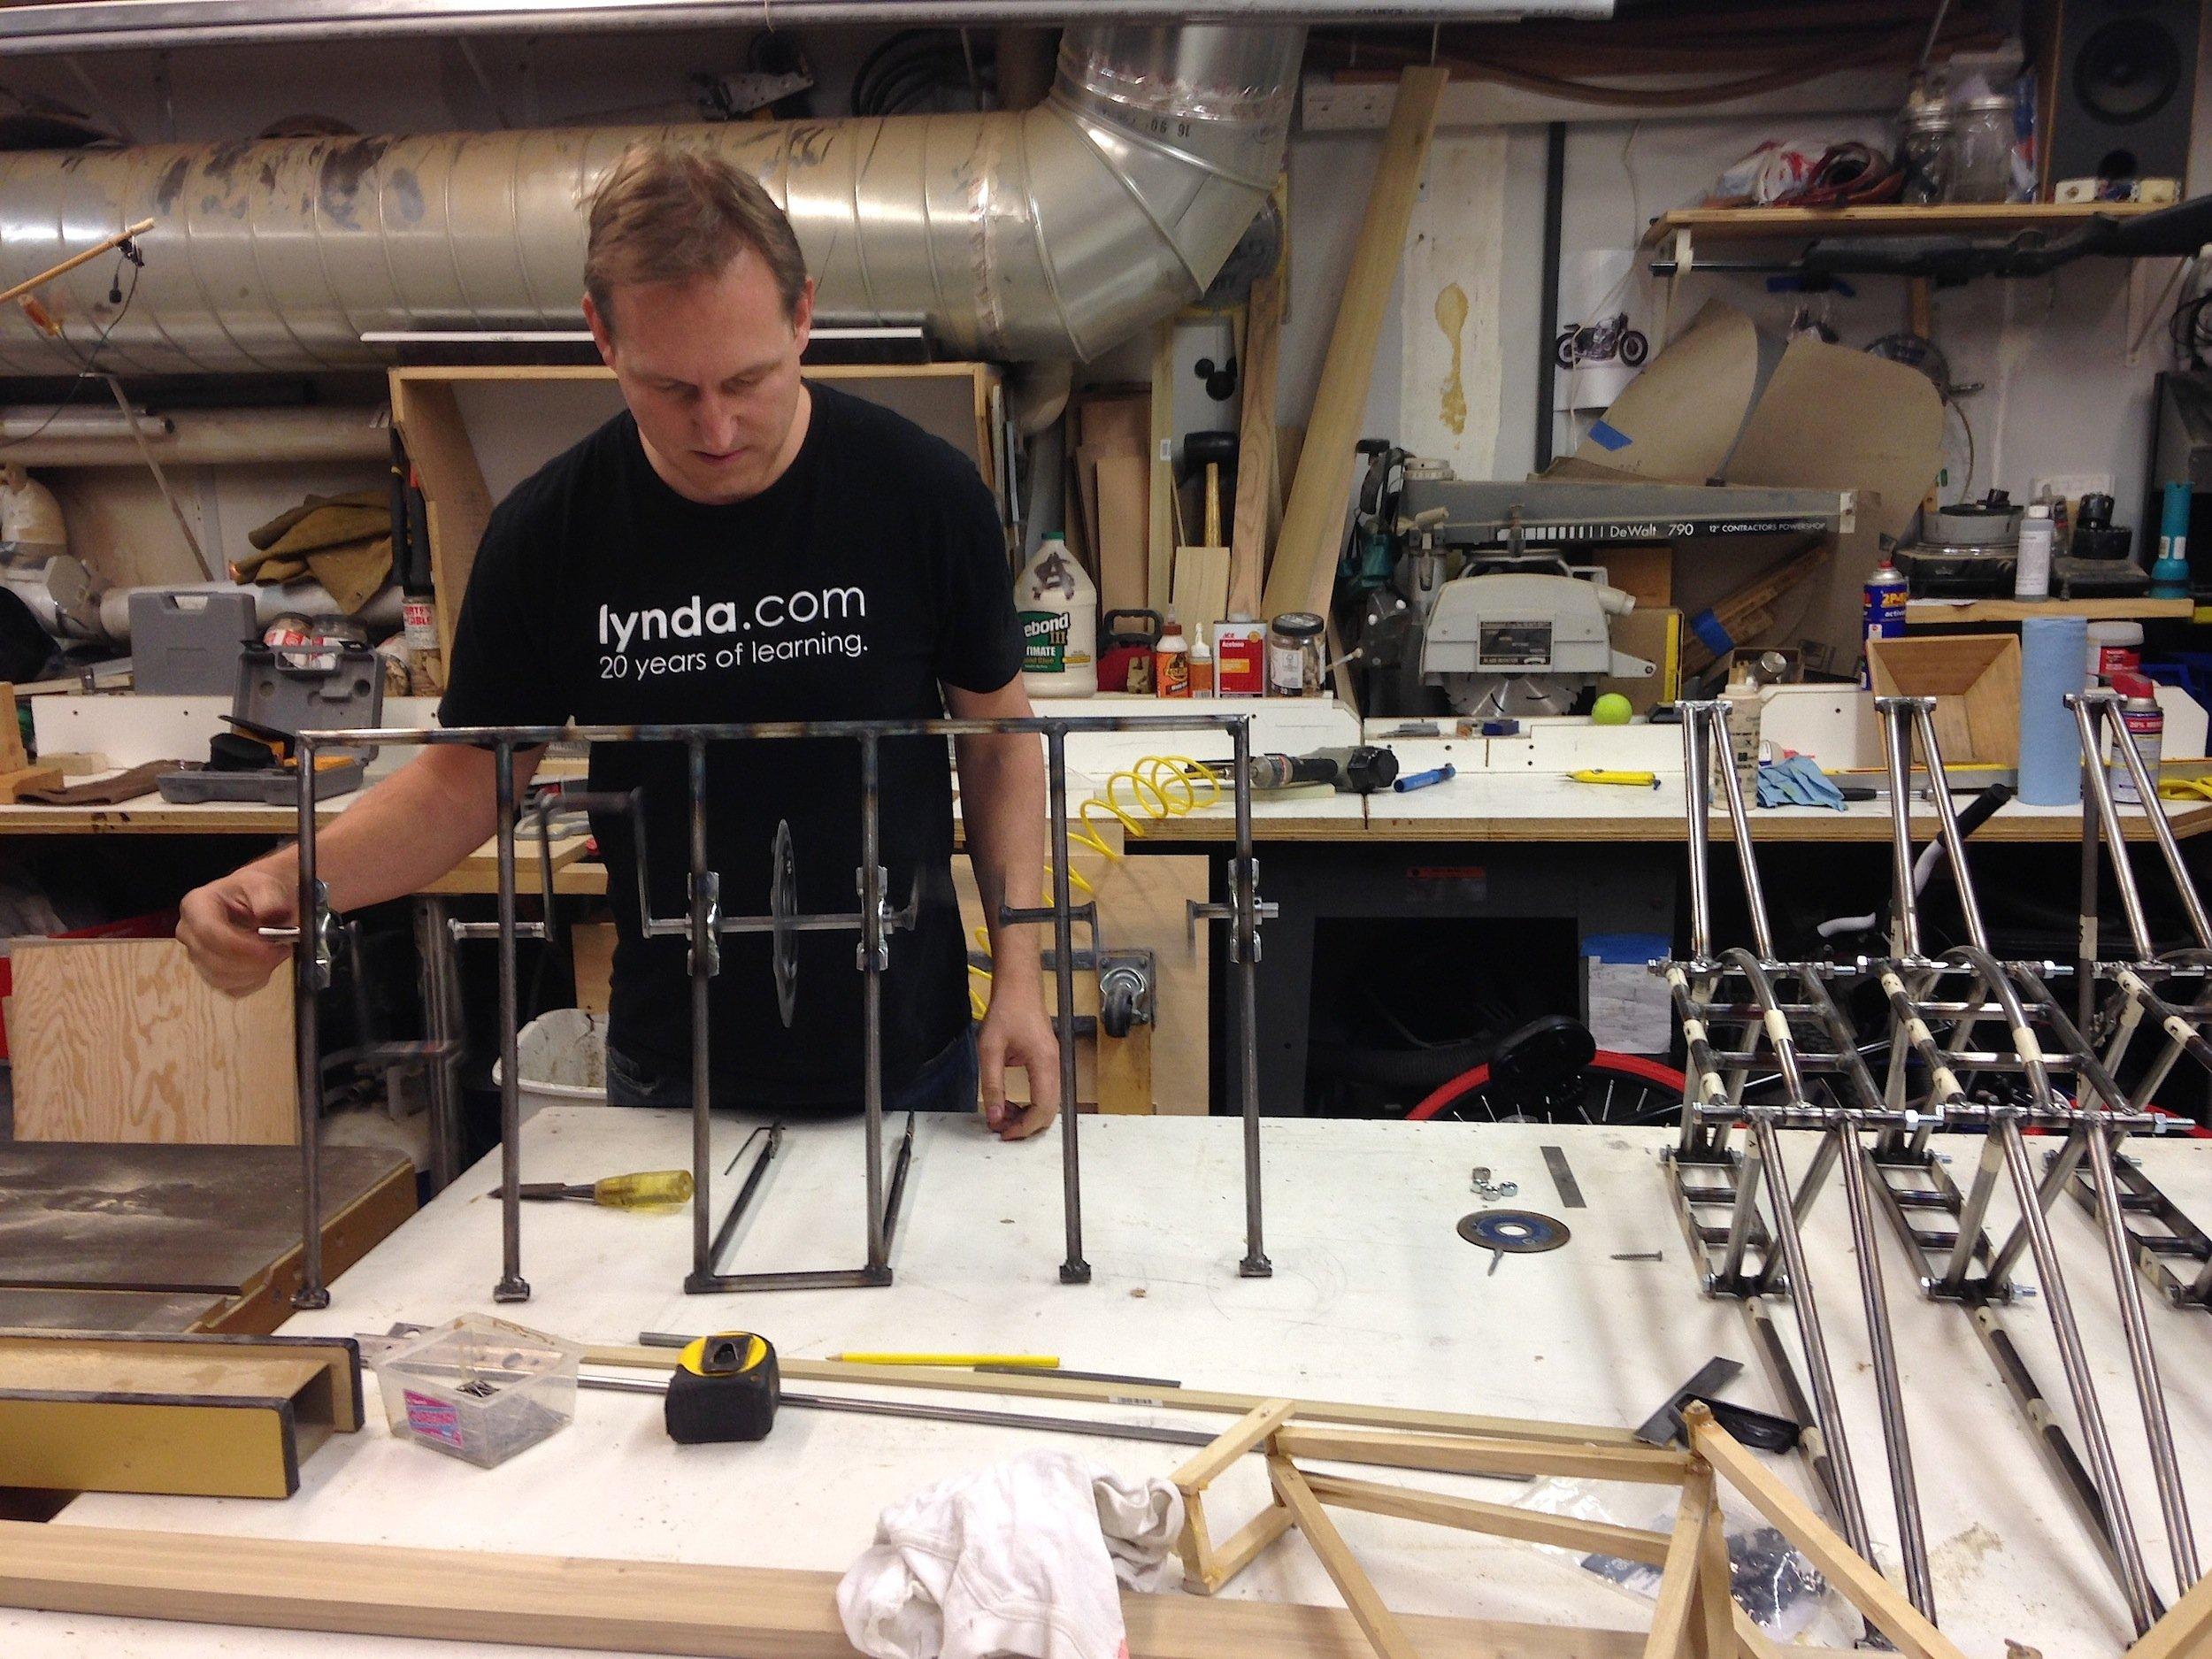 Die drei Erfinder des Strandbeest-Bikes haben ein halbes Jahr intensiv an der Mechanik gearbeitet